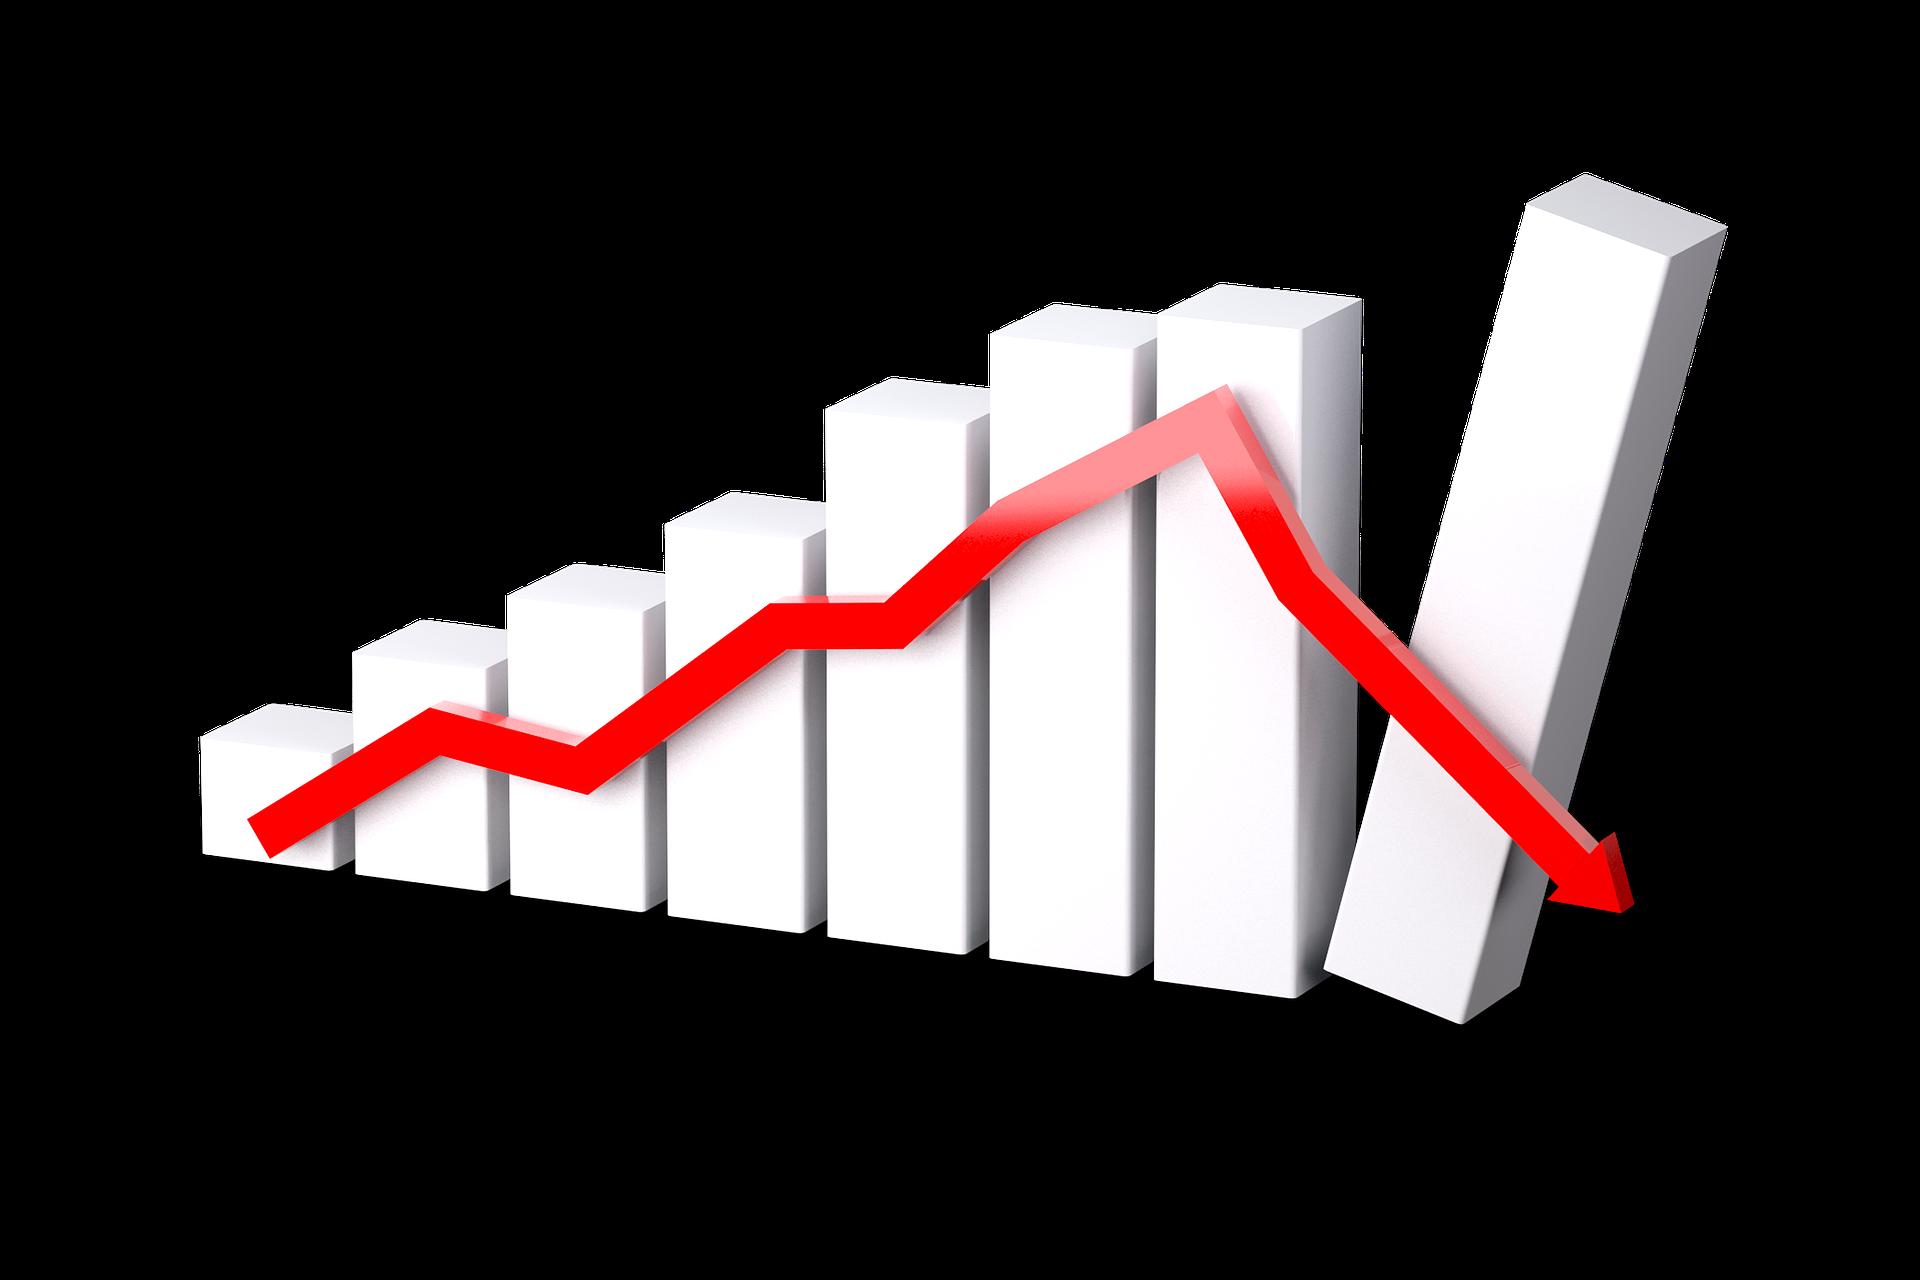 graph-down